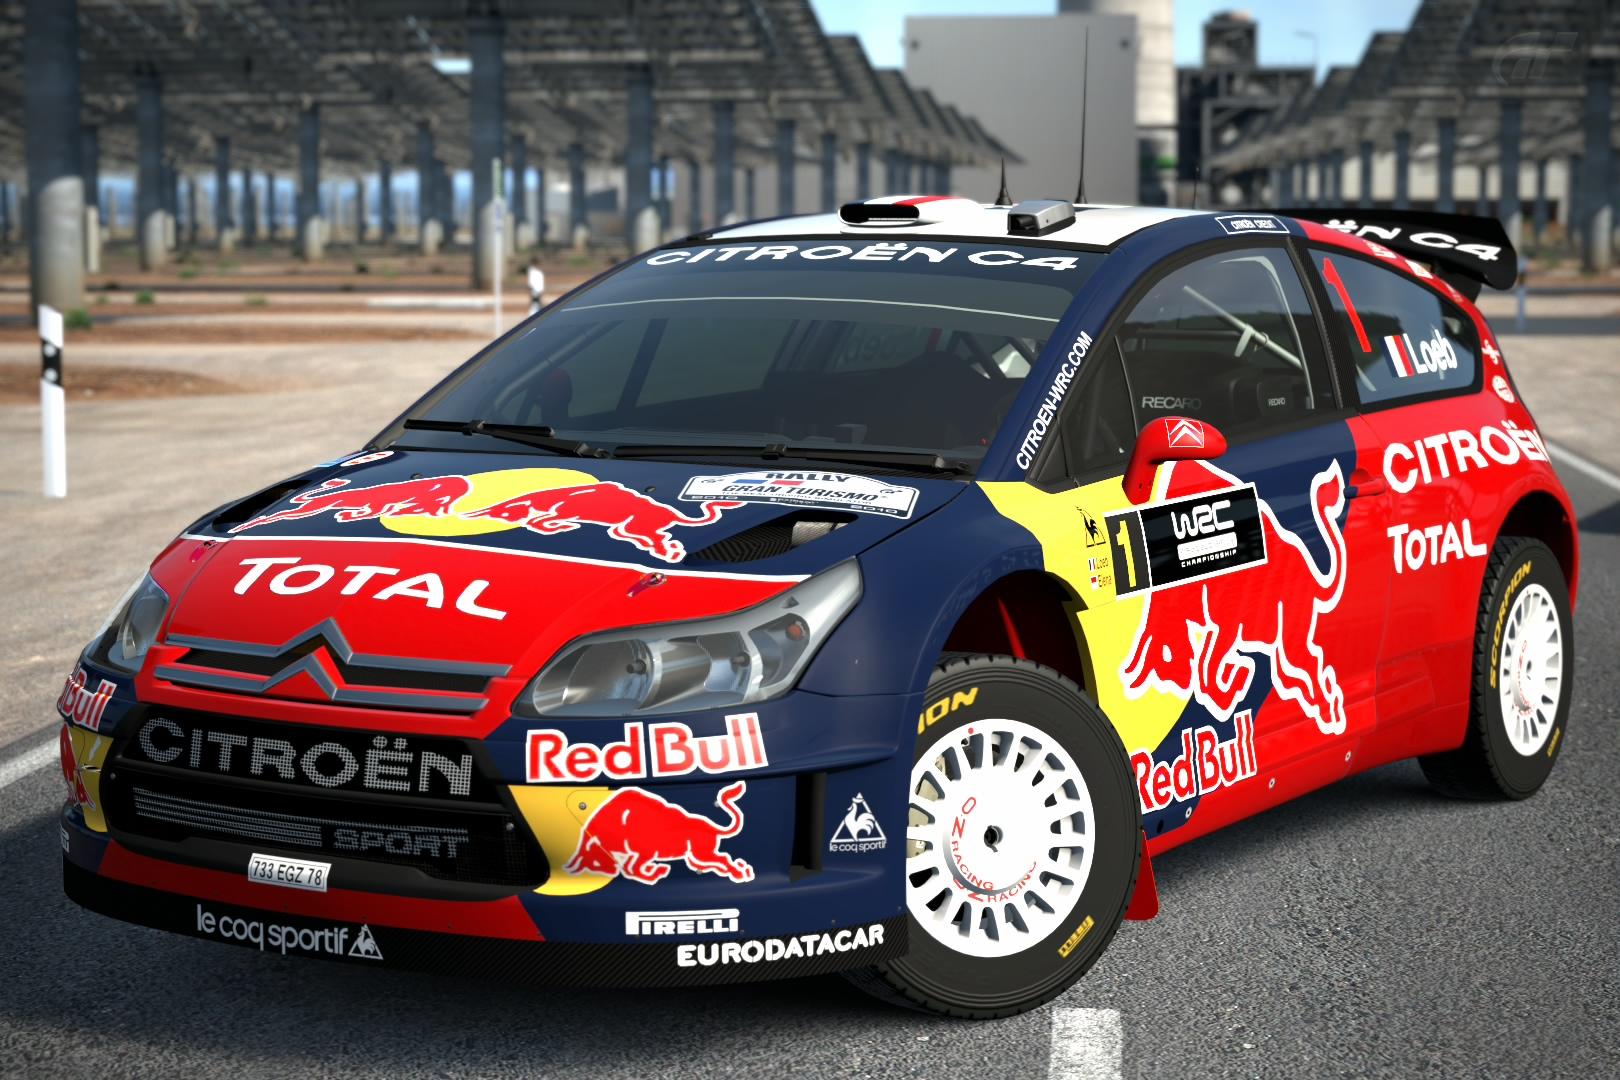 Citroën C4 WRC '08